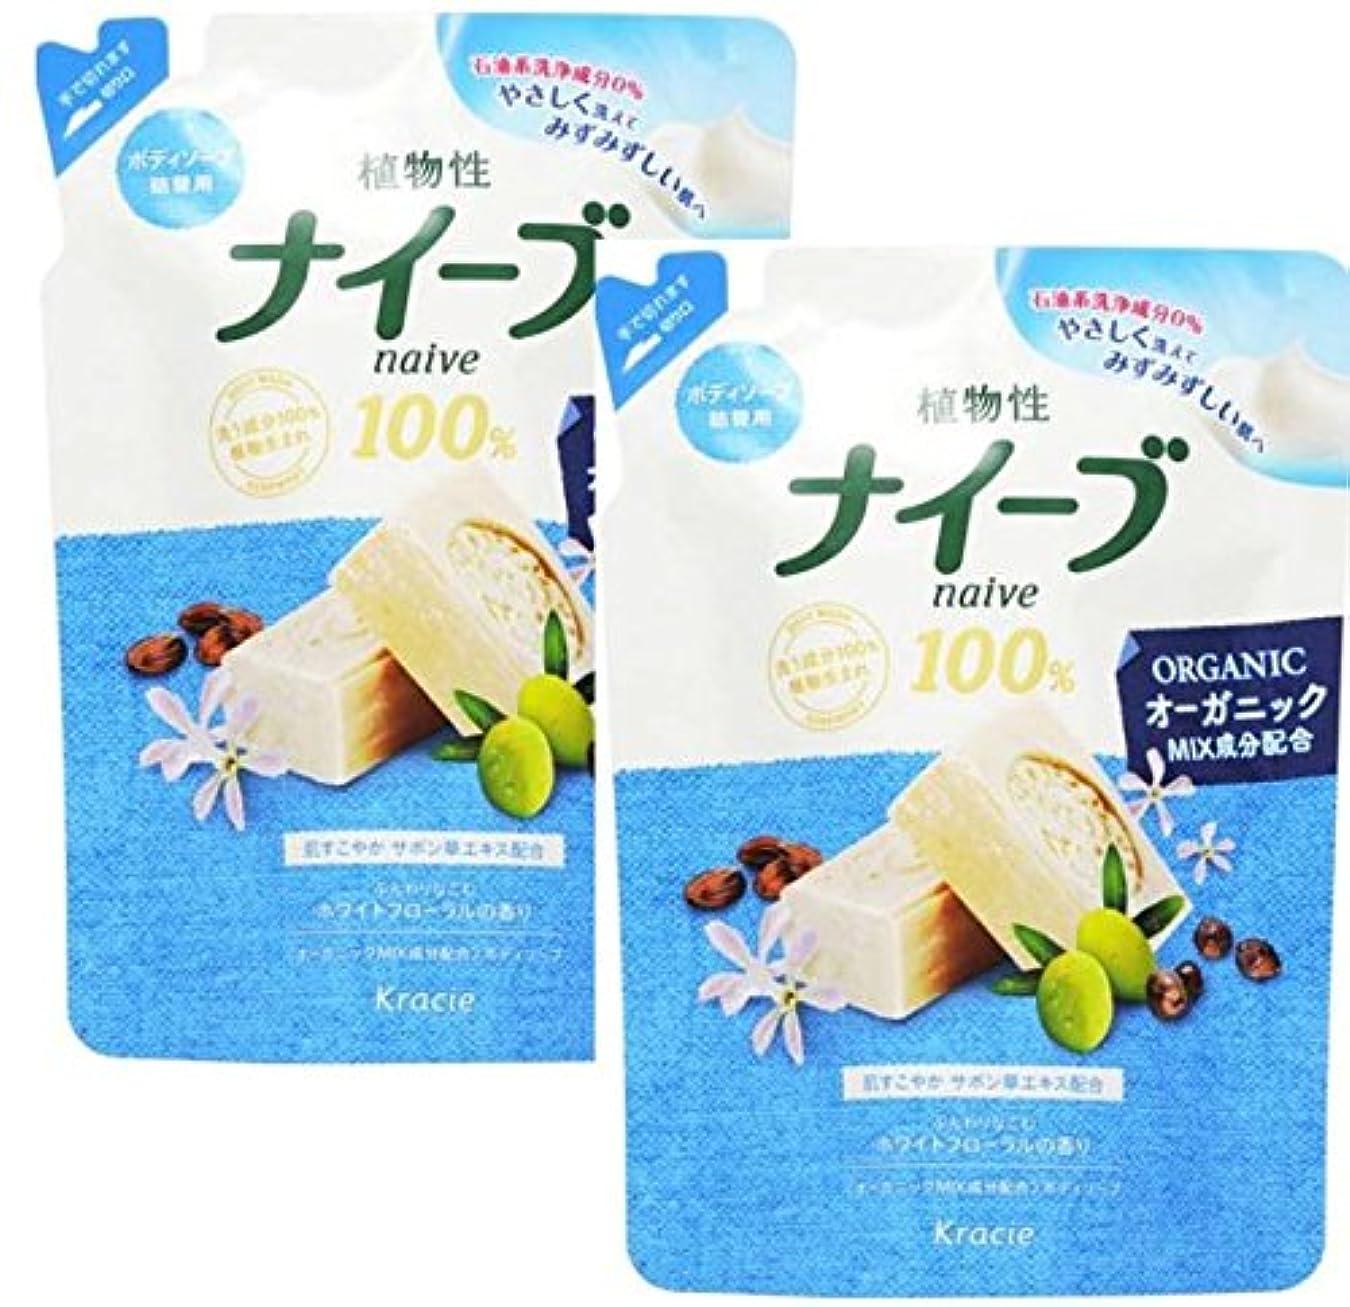 思われる会う頻繁にナイーブ ボディソープ サボン草エキス配合 詰替用 400ml / ホワイトフローラルの香り 【2点セット】